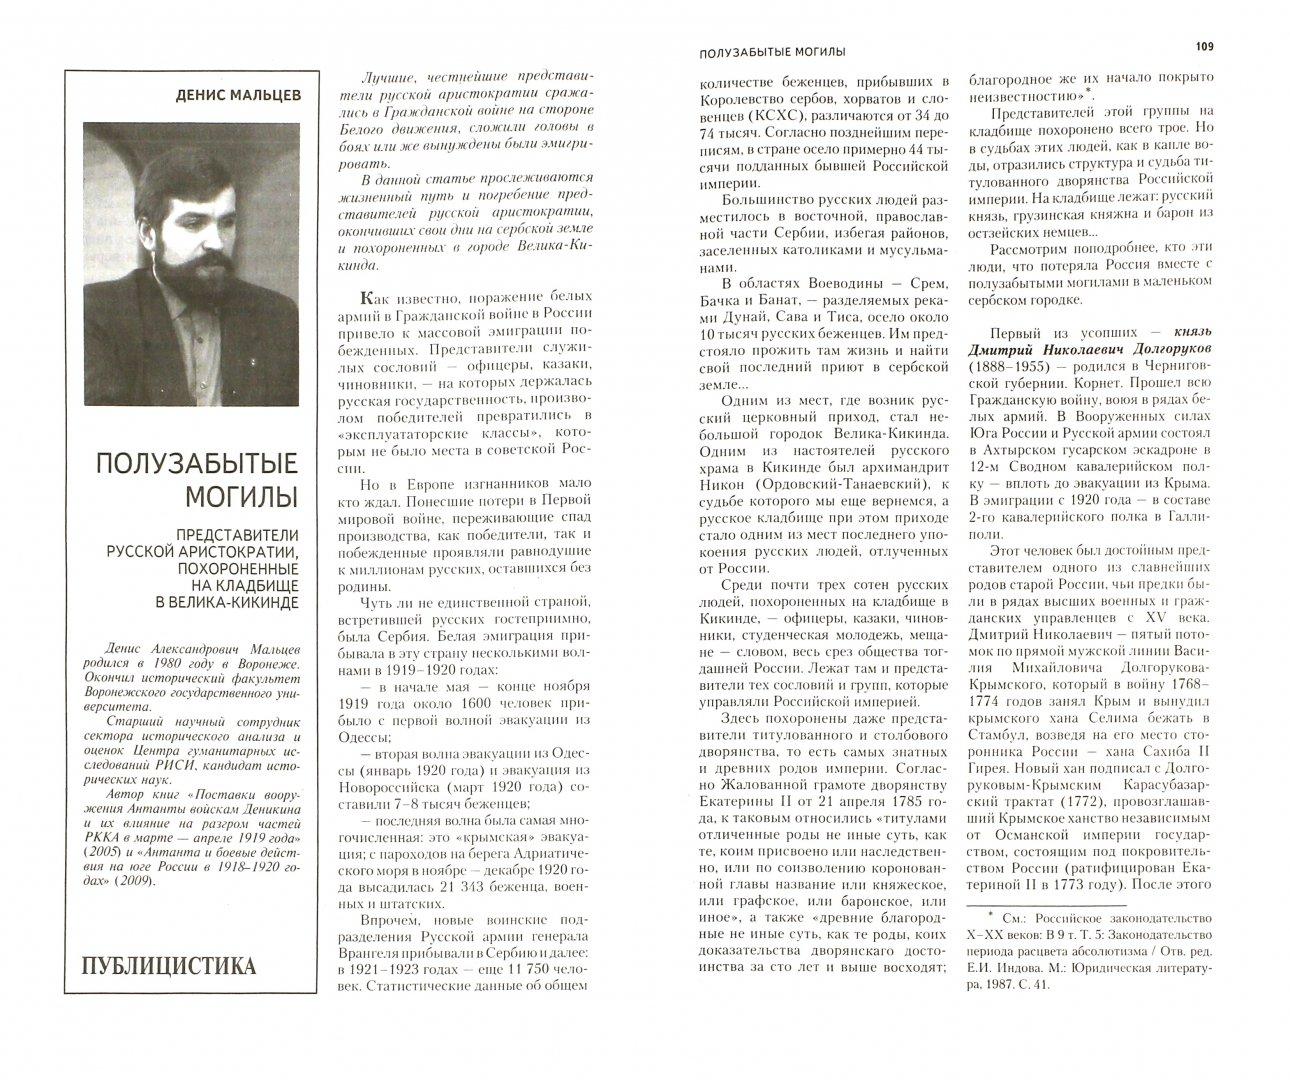 """О чем писали в советских """"бытовых"""" журналах - Огонек, Москва, Мода: 13 редких фото"""